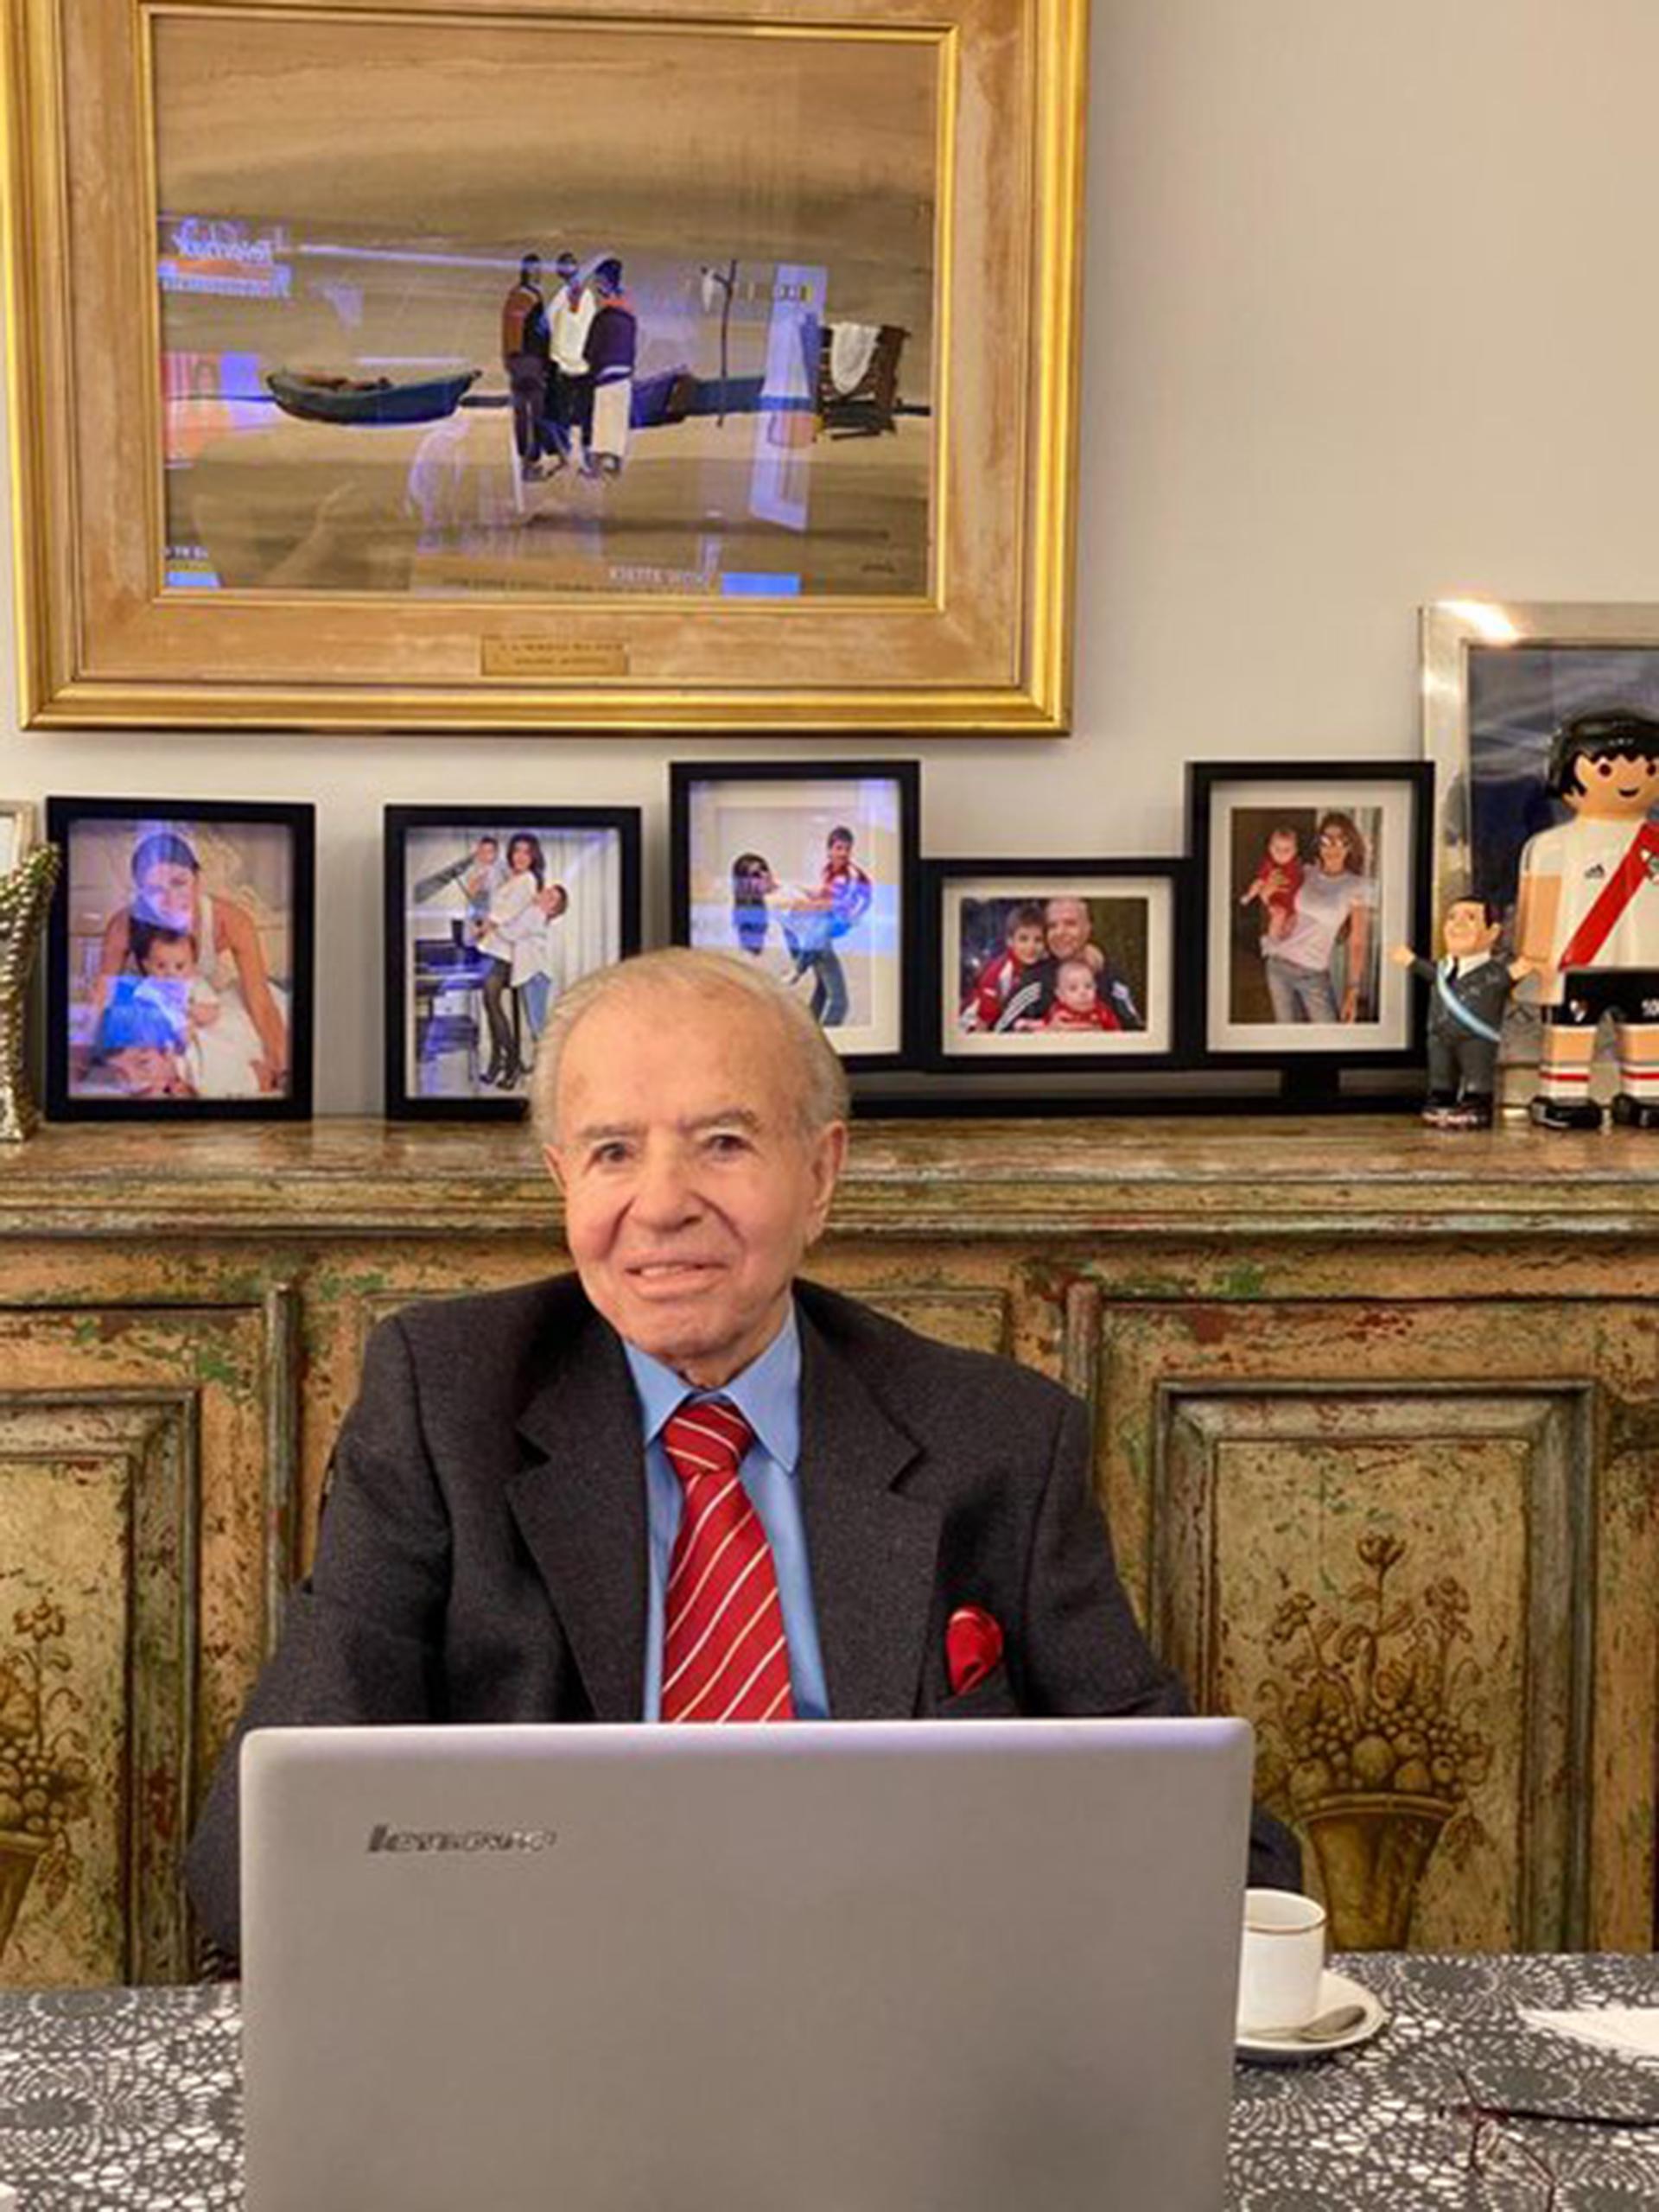 El ex presidente Carlos Menem, desde su casa, participando de la sesión